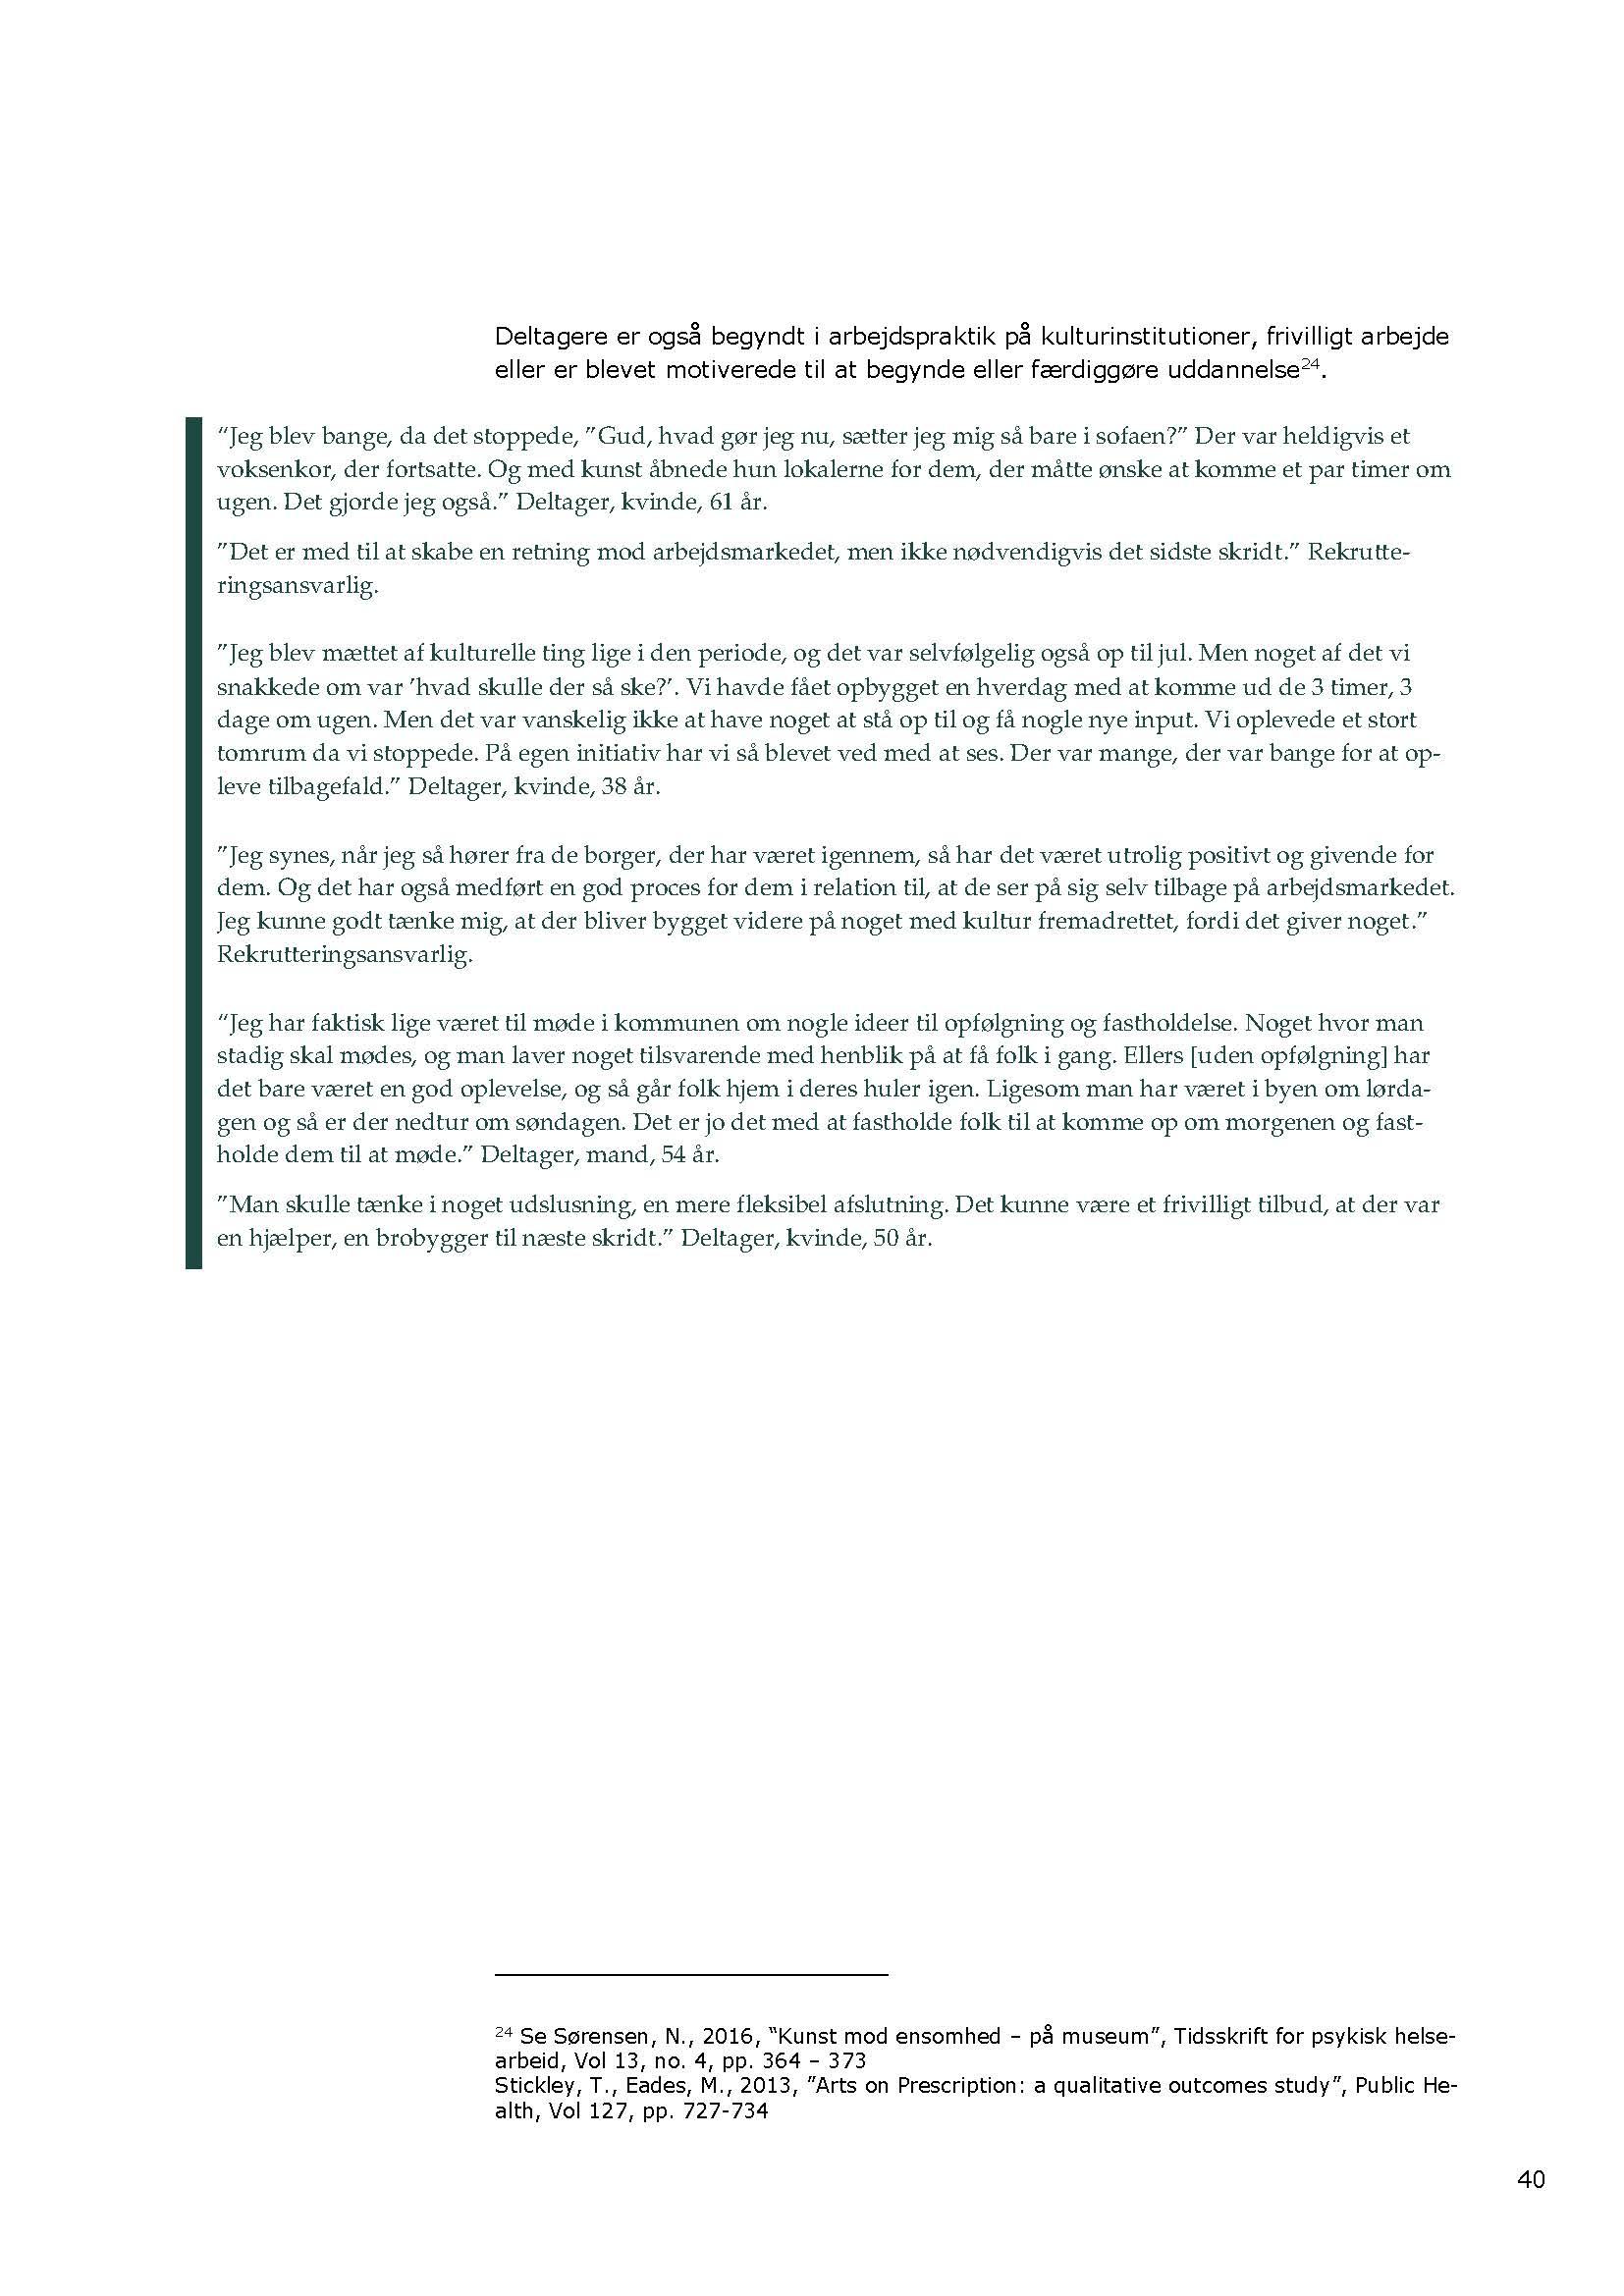 Kultur-paa-recept_tvaergaaende-evaluering_foraar-2020_Page_40